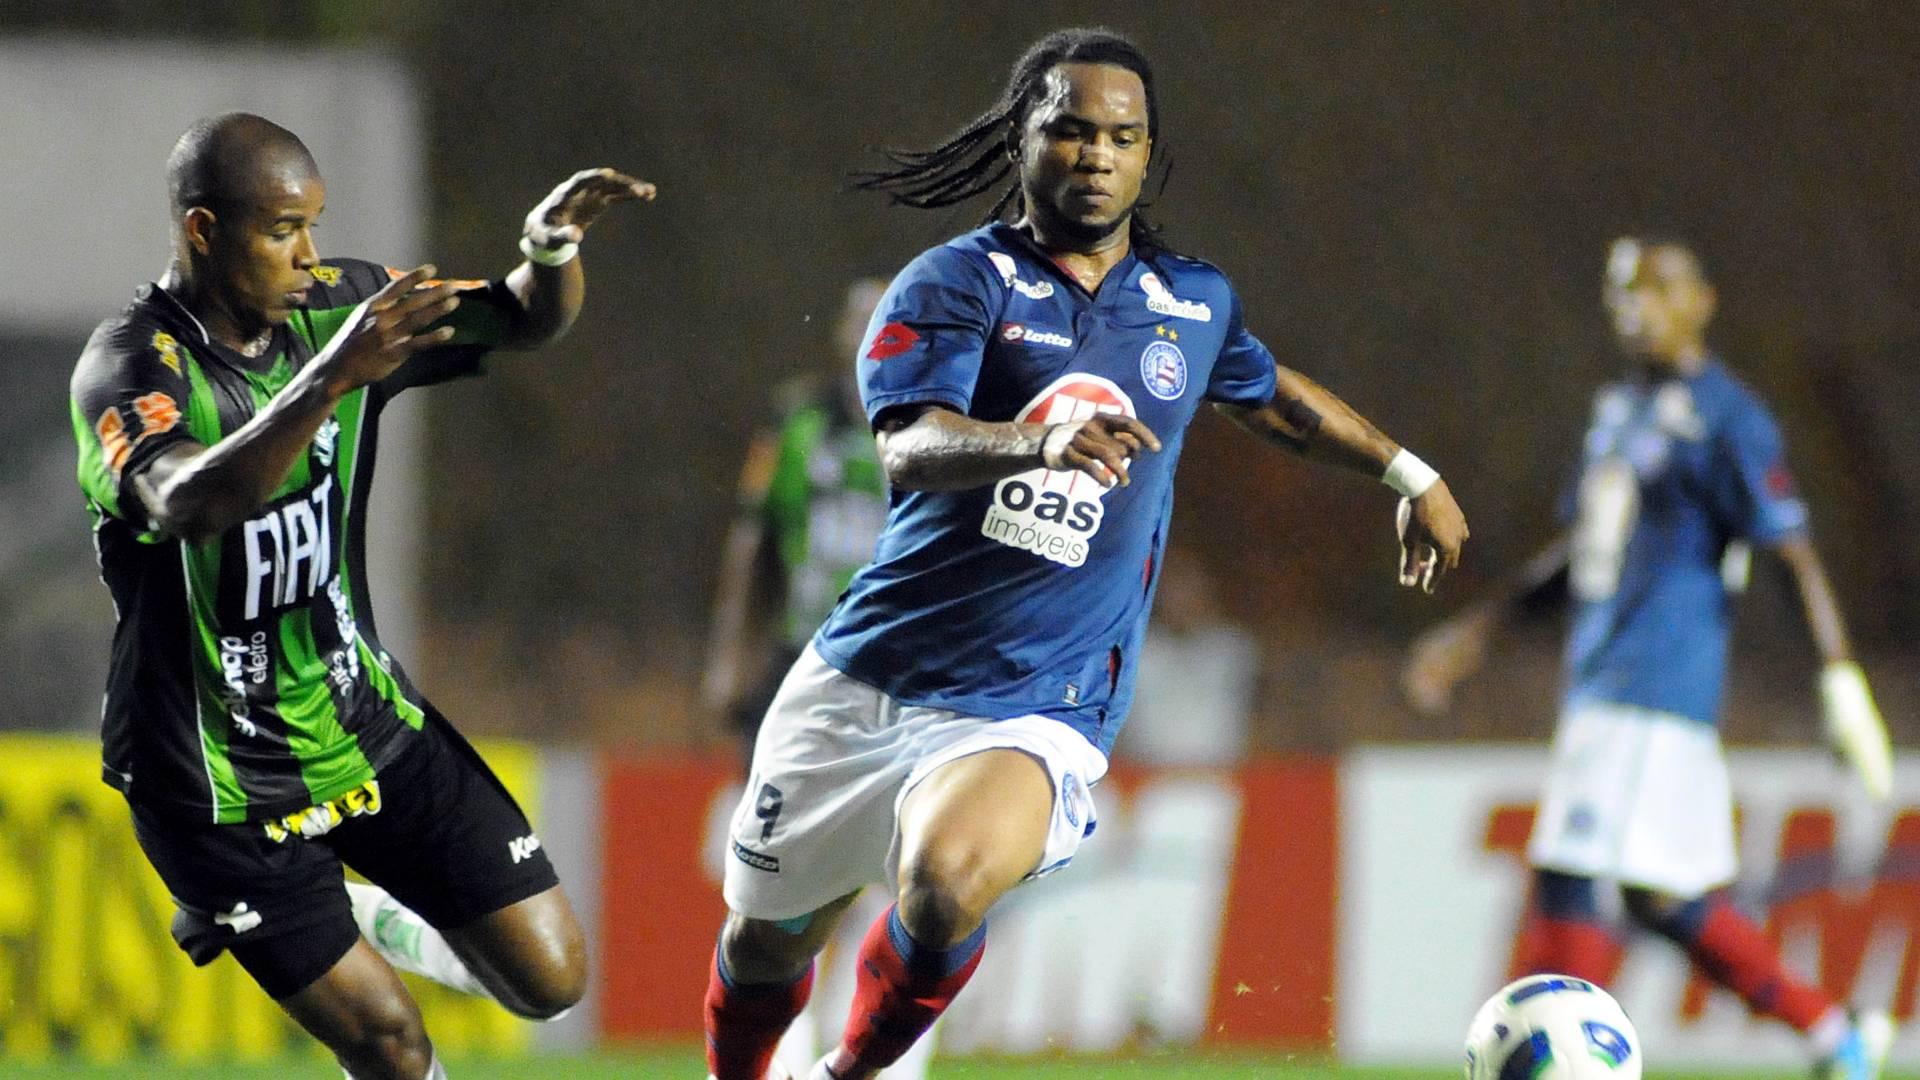 Carlos Alberto tenta escapar da marcação durante jogo entre Bahia e América-MG (01/09/2011)